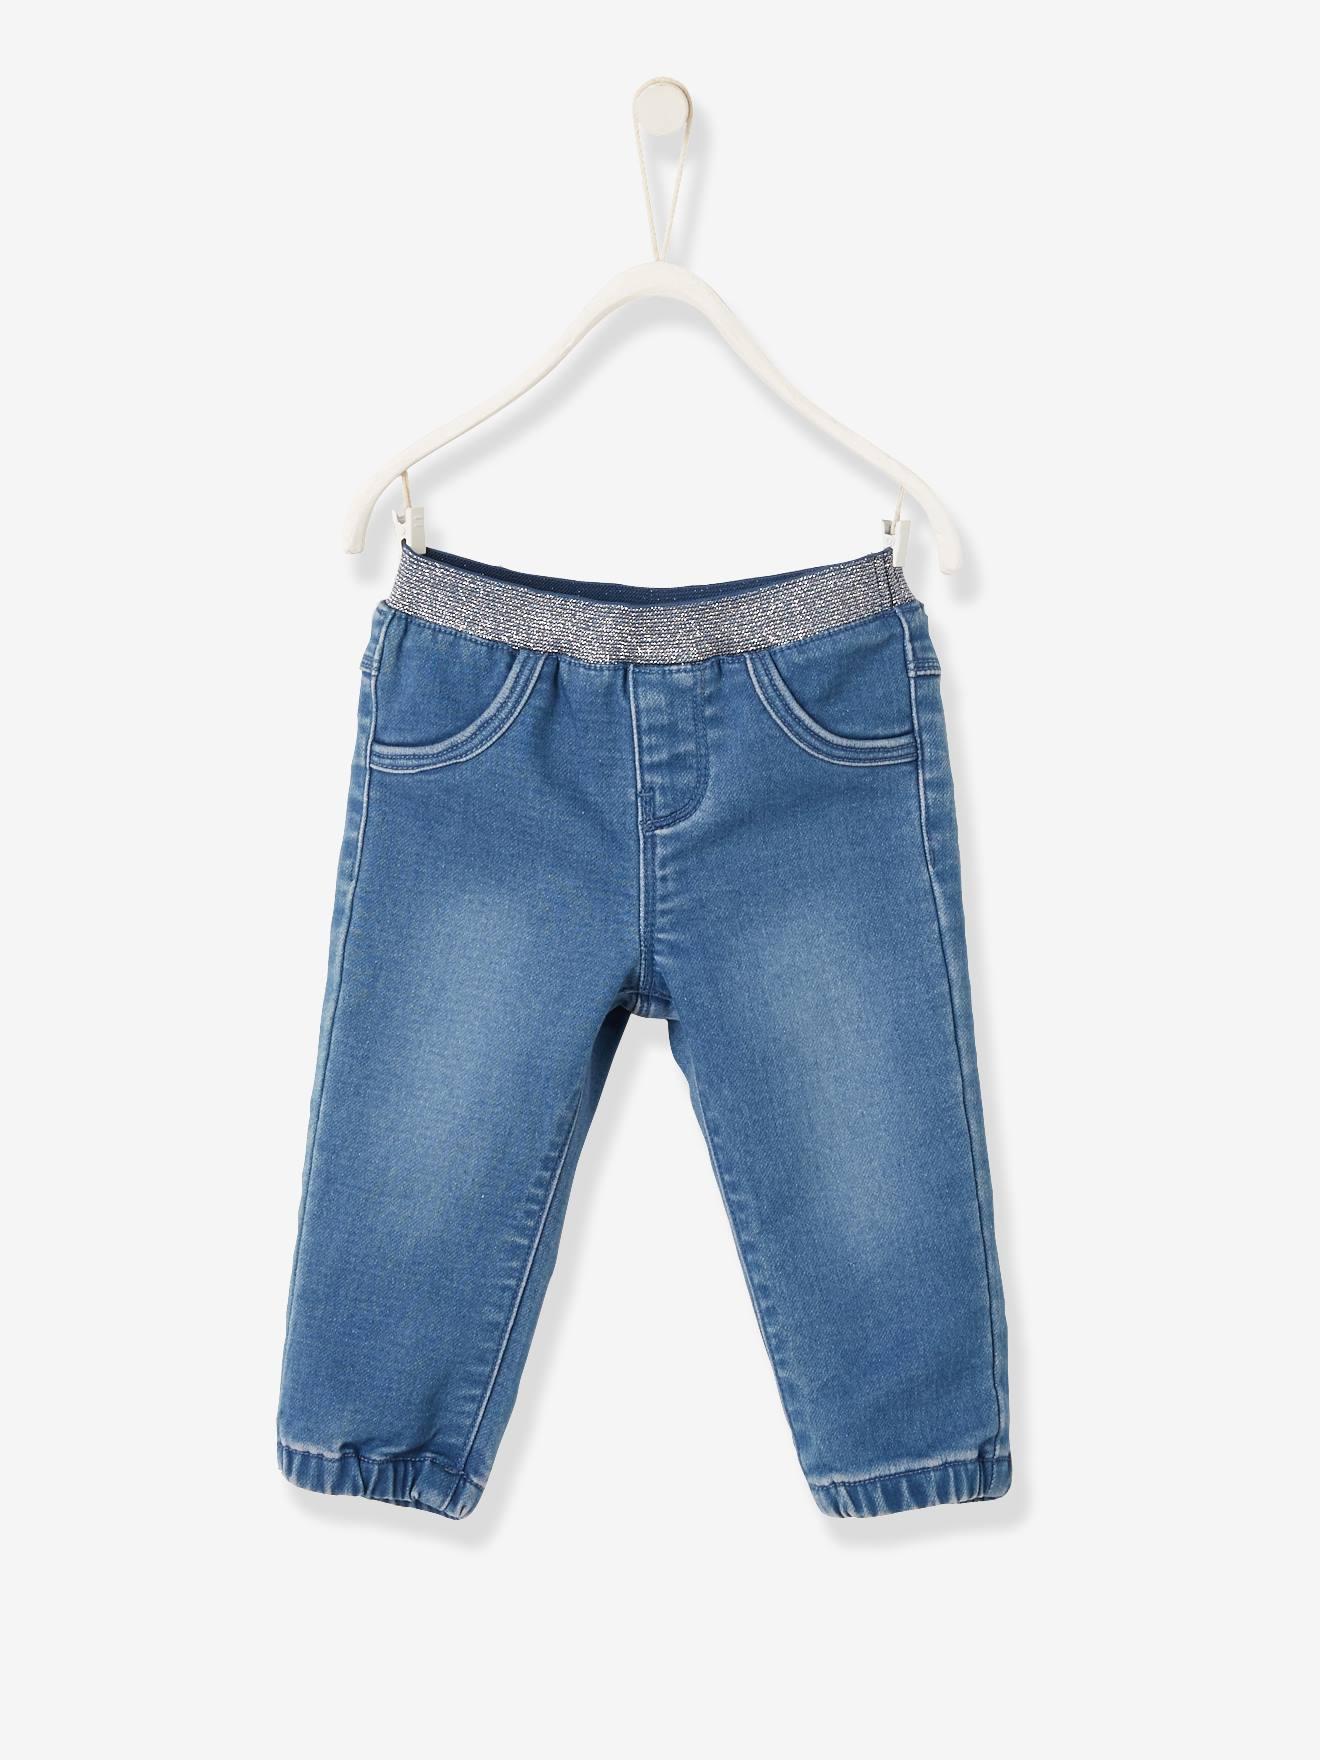 Sweathose für Baby Mädchen, Jeansoptik blau Gr. 92 von vertbaudet